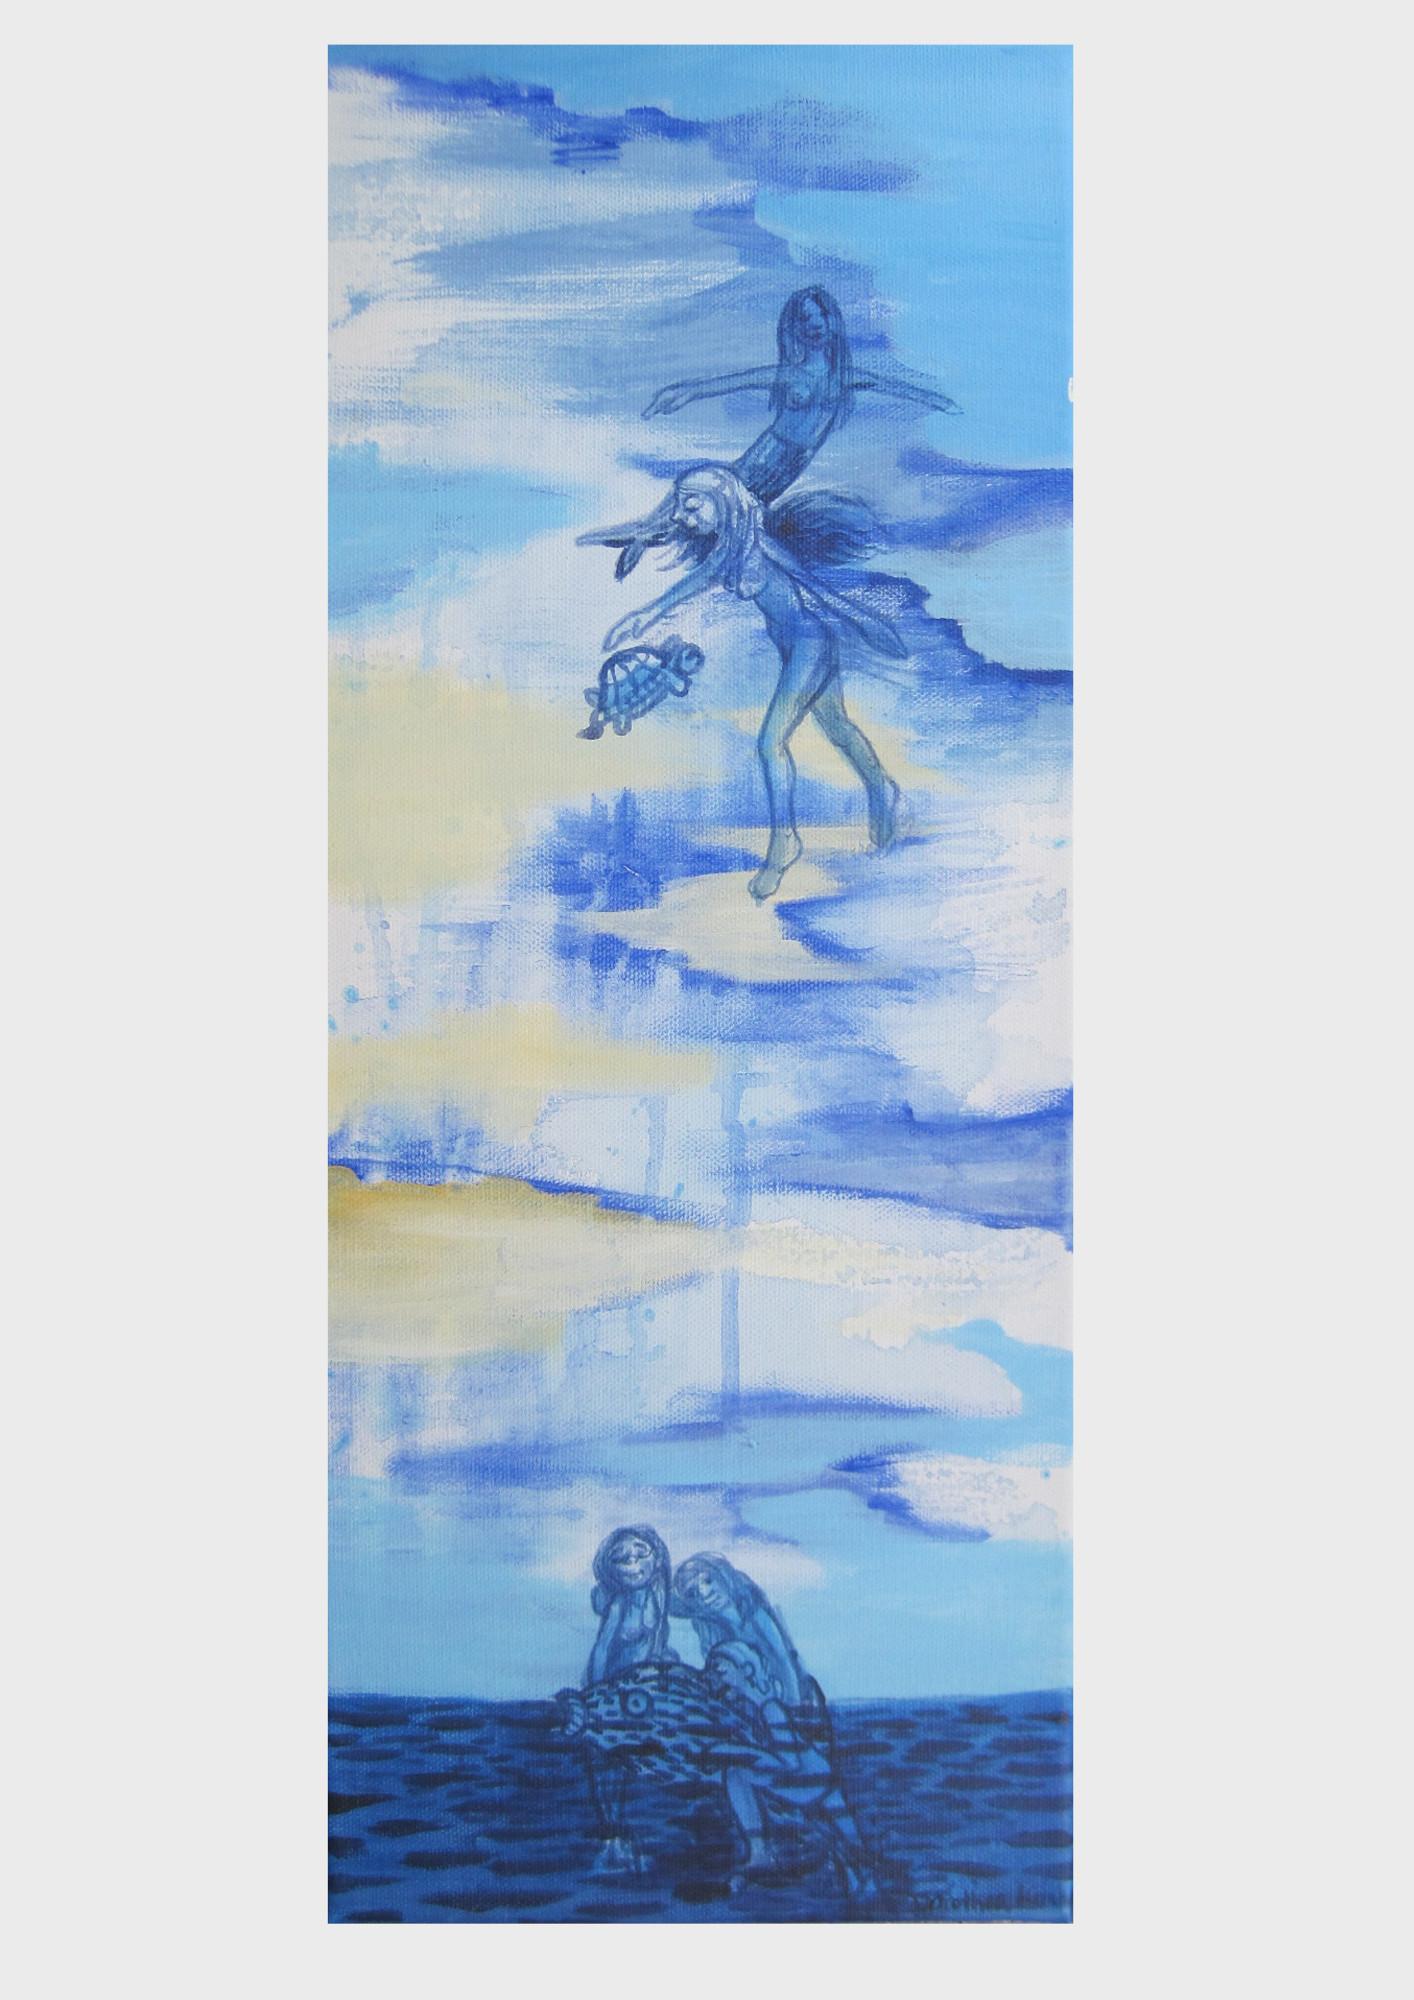 Malerei von Dorothea Koch: Ein phantasievolles Bild mit fliegenden Meerjungfrauen am blauen Wolkenhimmel, über dem Meer. Maritime Malerei voller Märchen und Geschichten.